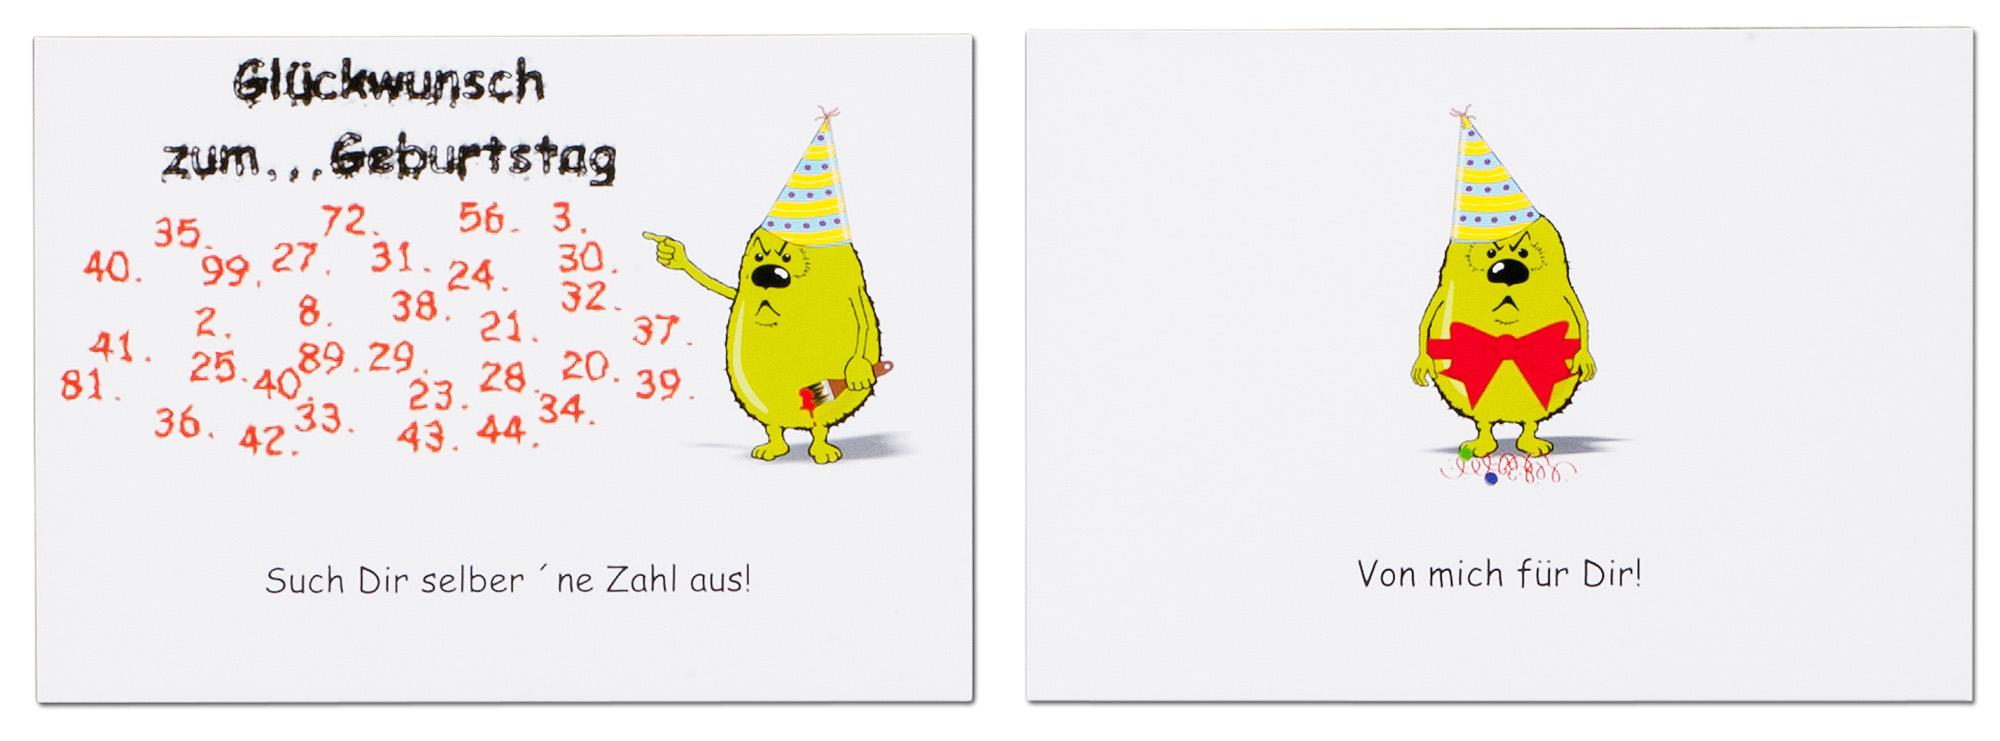 27 Geburtstag Geburtstagskarte Alles Gute Mit Schonem Spruch